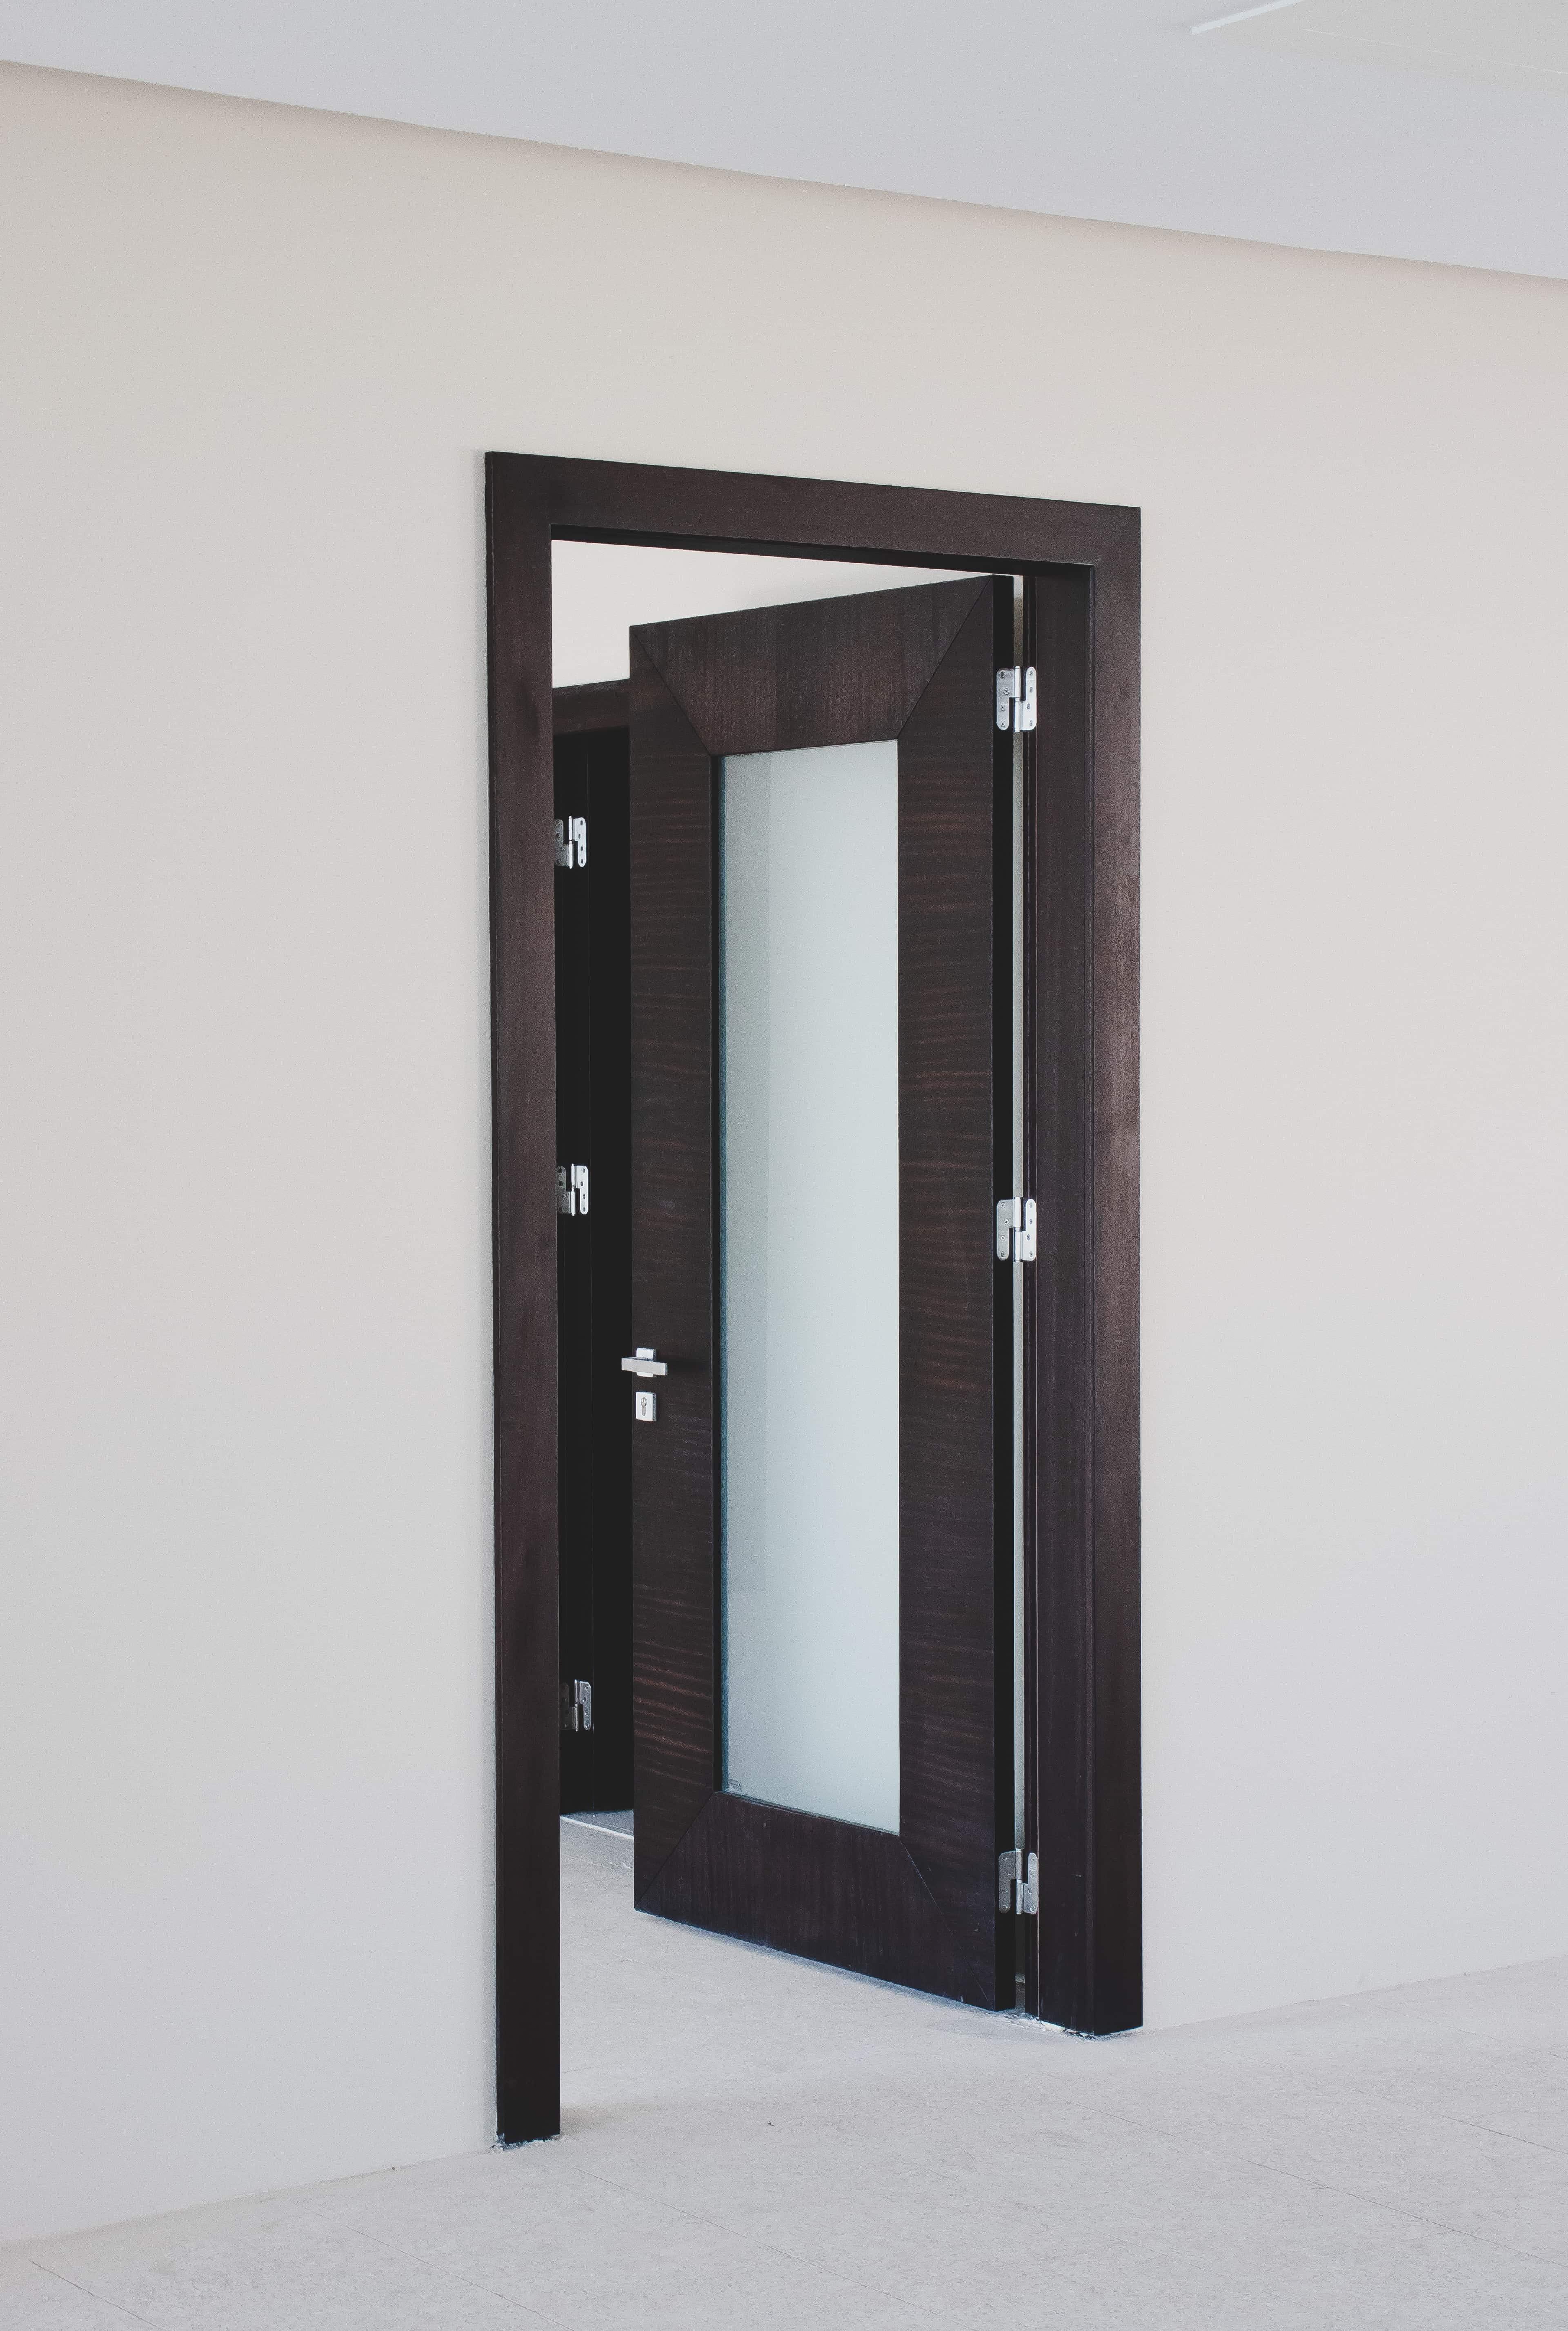 Une porte d'entrée vitrée et noire